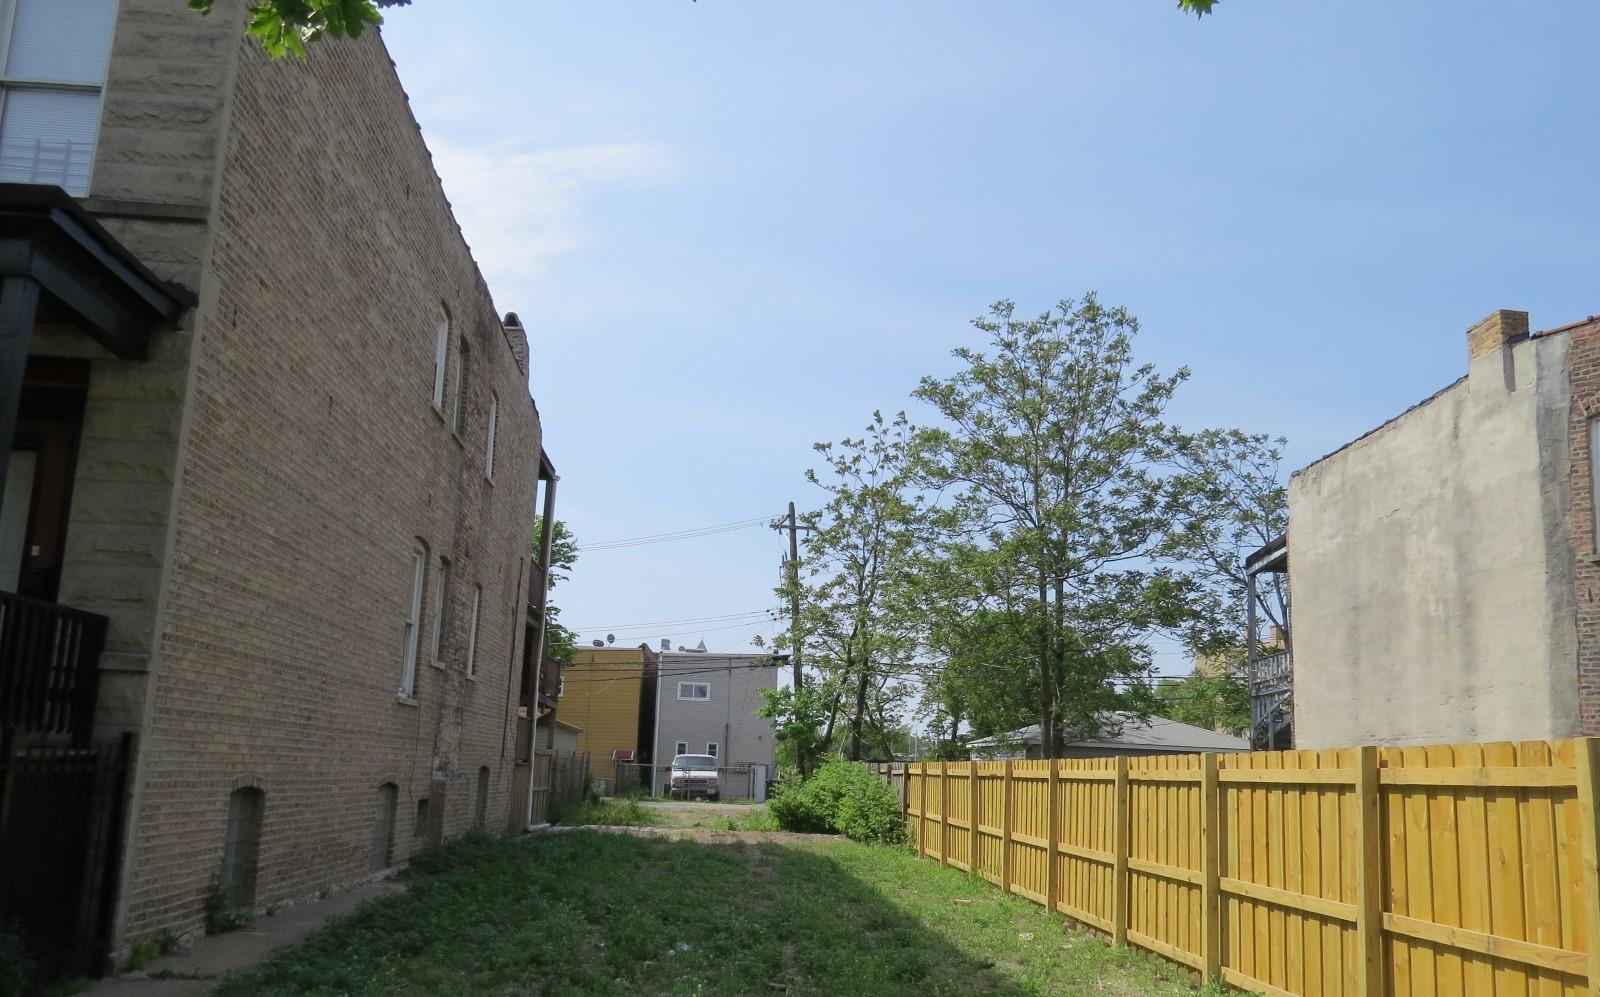 4329 W Van Buren St, Chicago, IL 60624